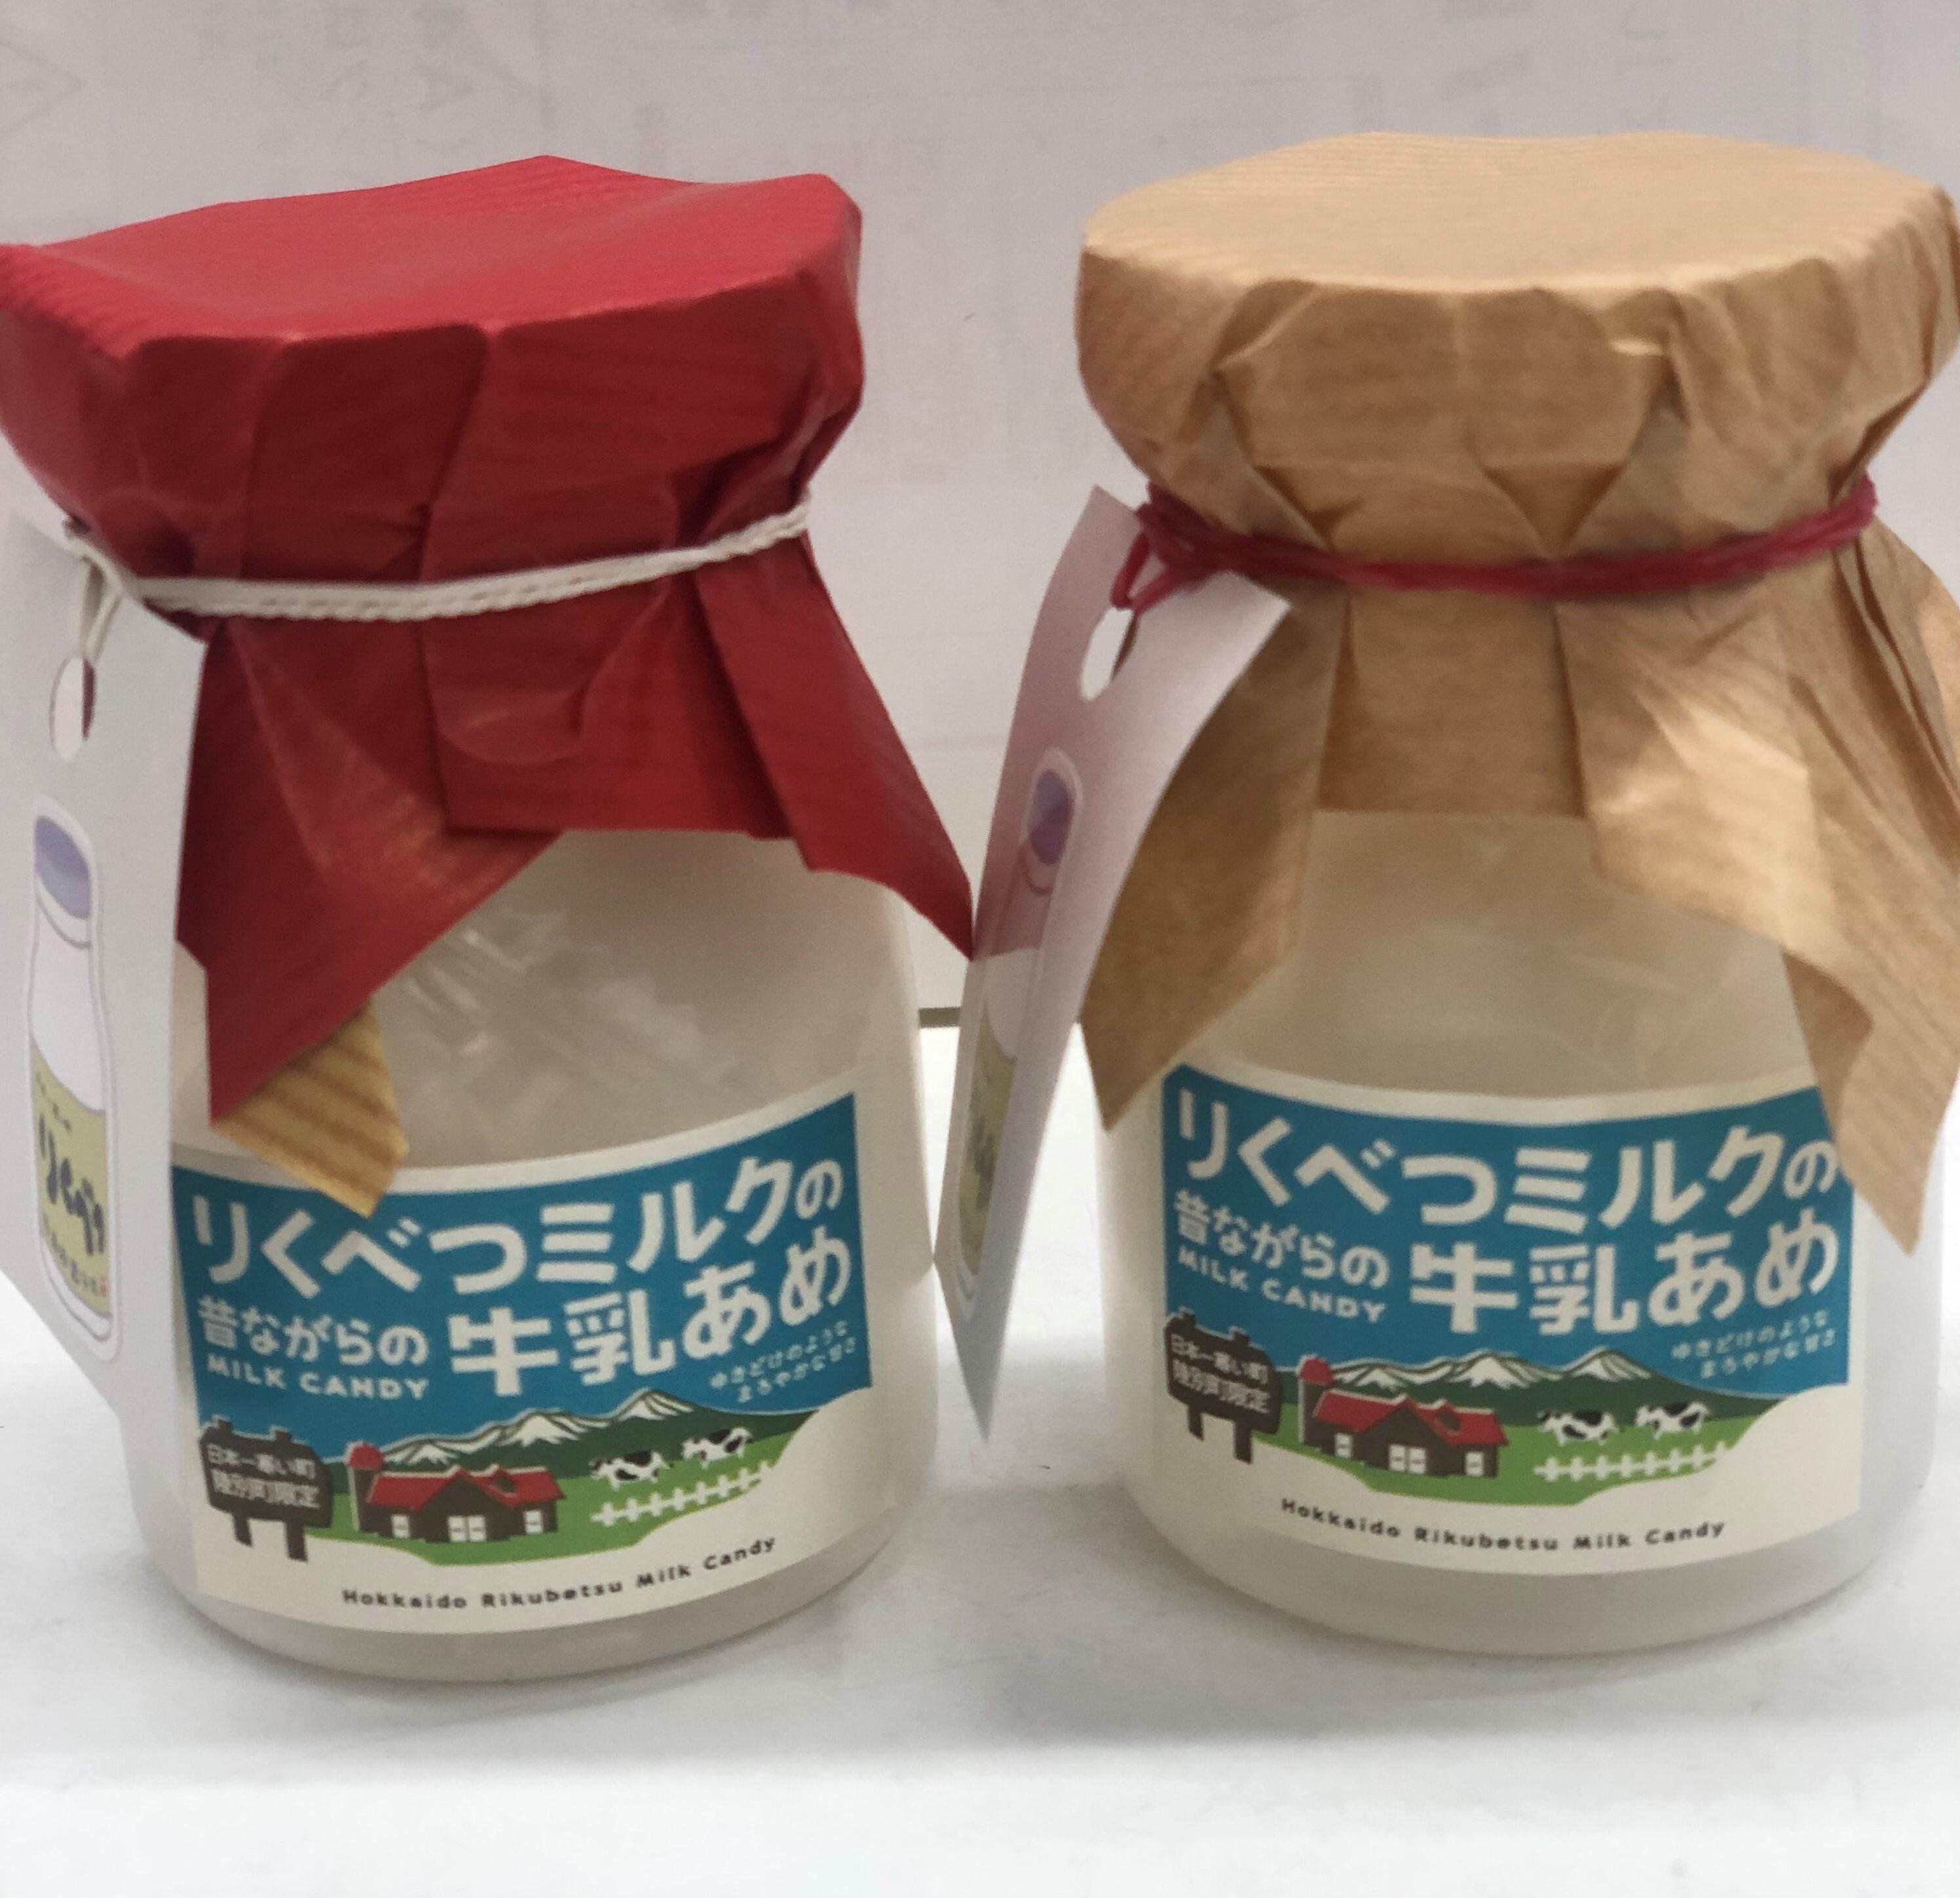 【常温】りくべつミルクの昔ながらの牛乳あめ(ボトル) - 画像2